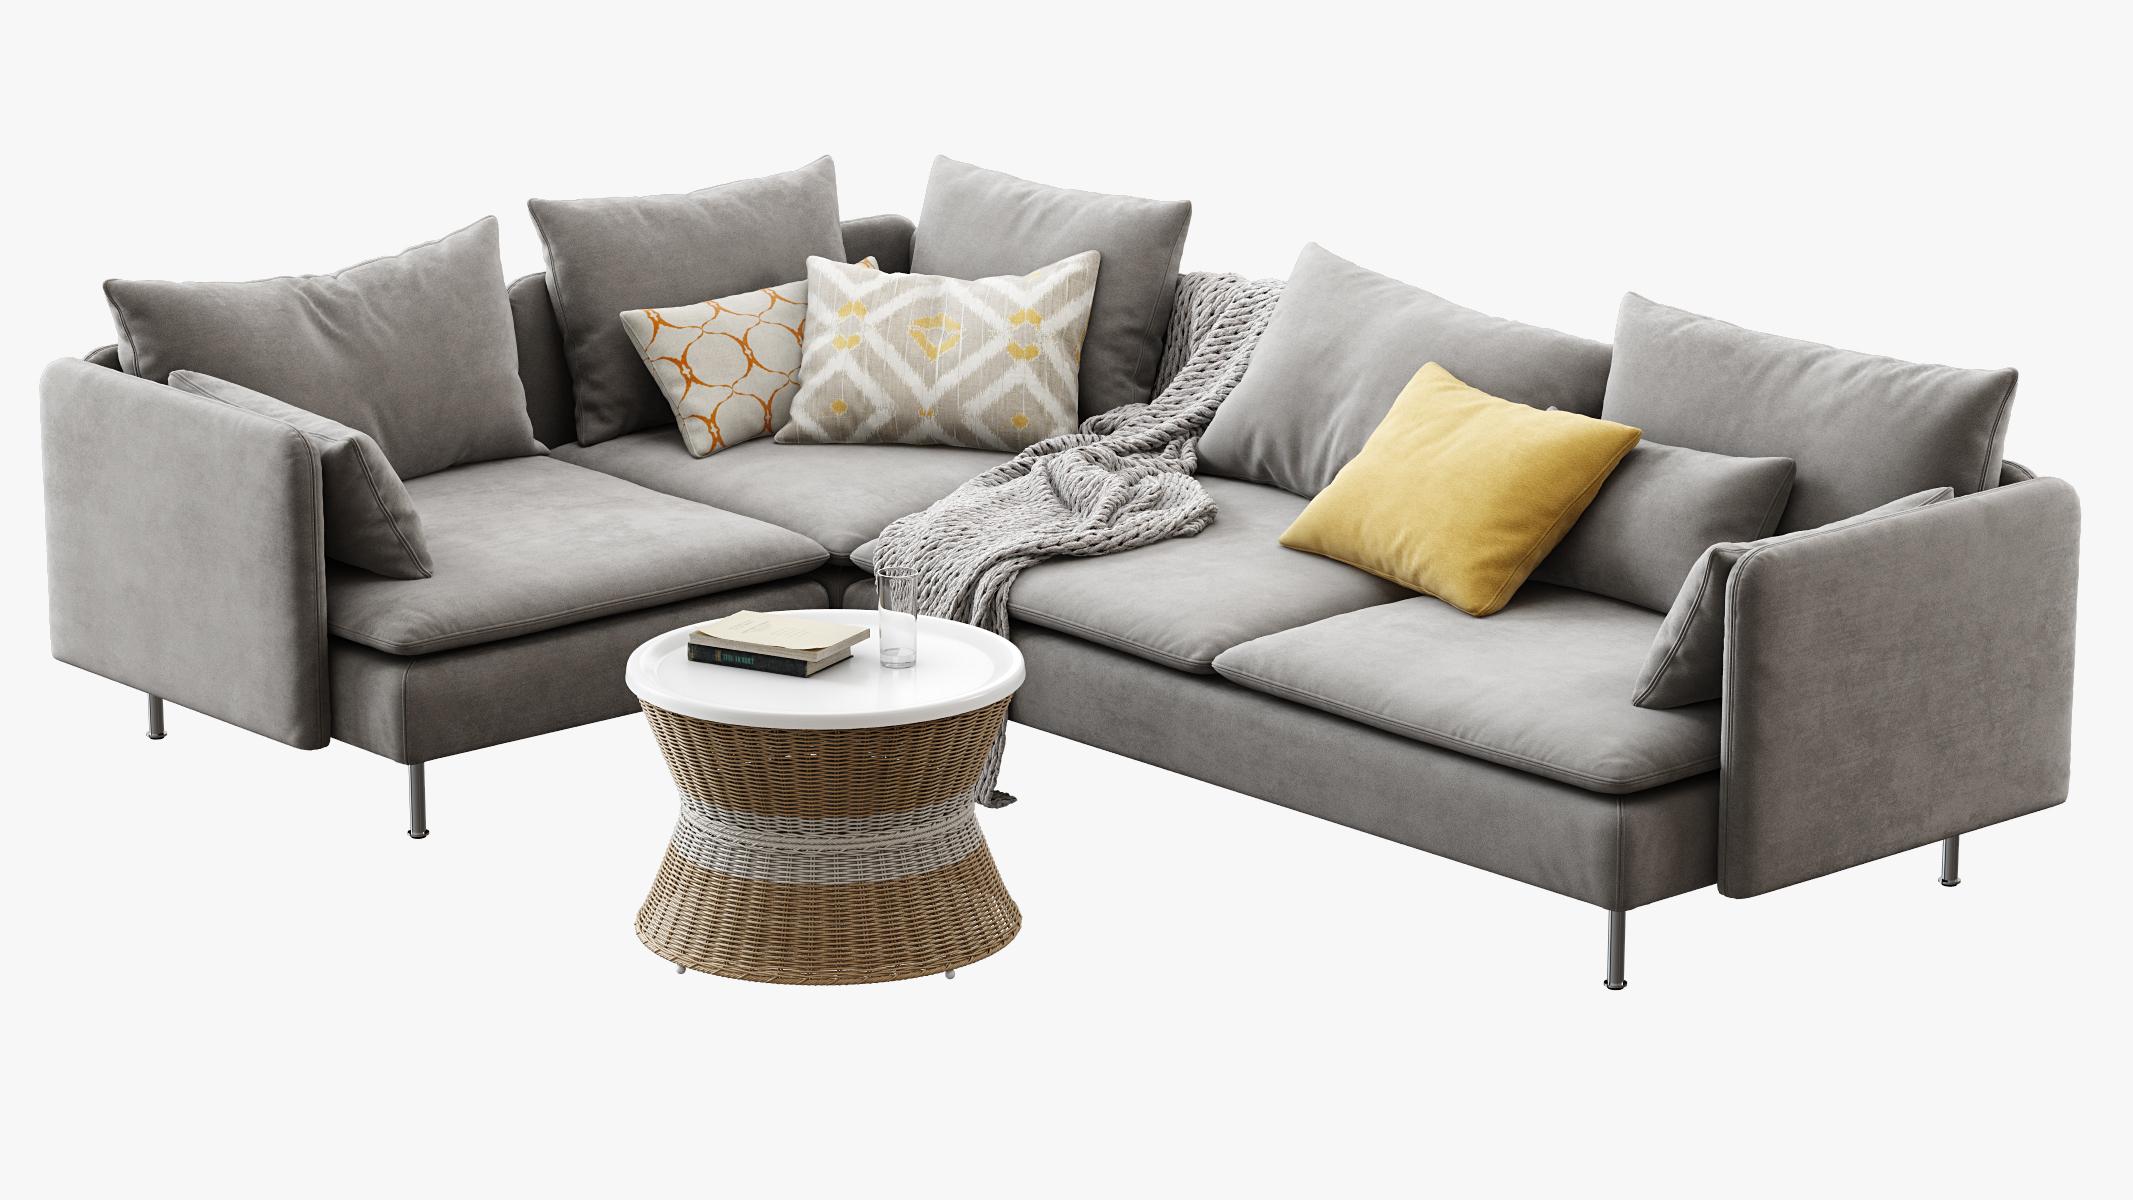 Ikea Soderhamn 4 Seat Corner Sofa